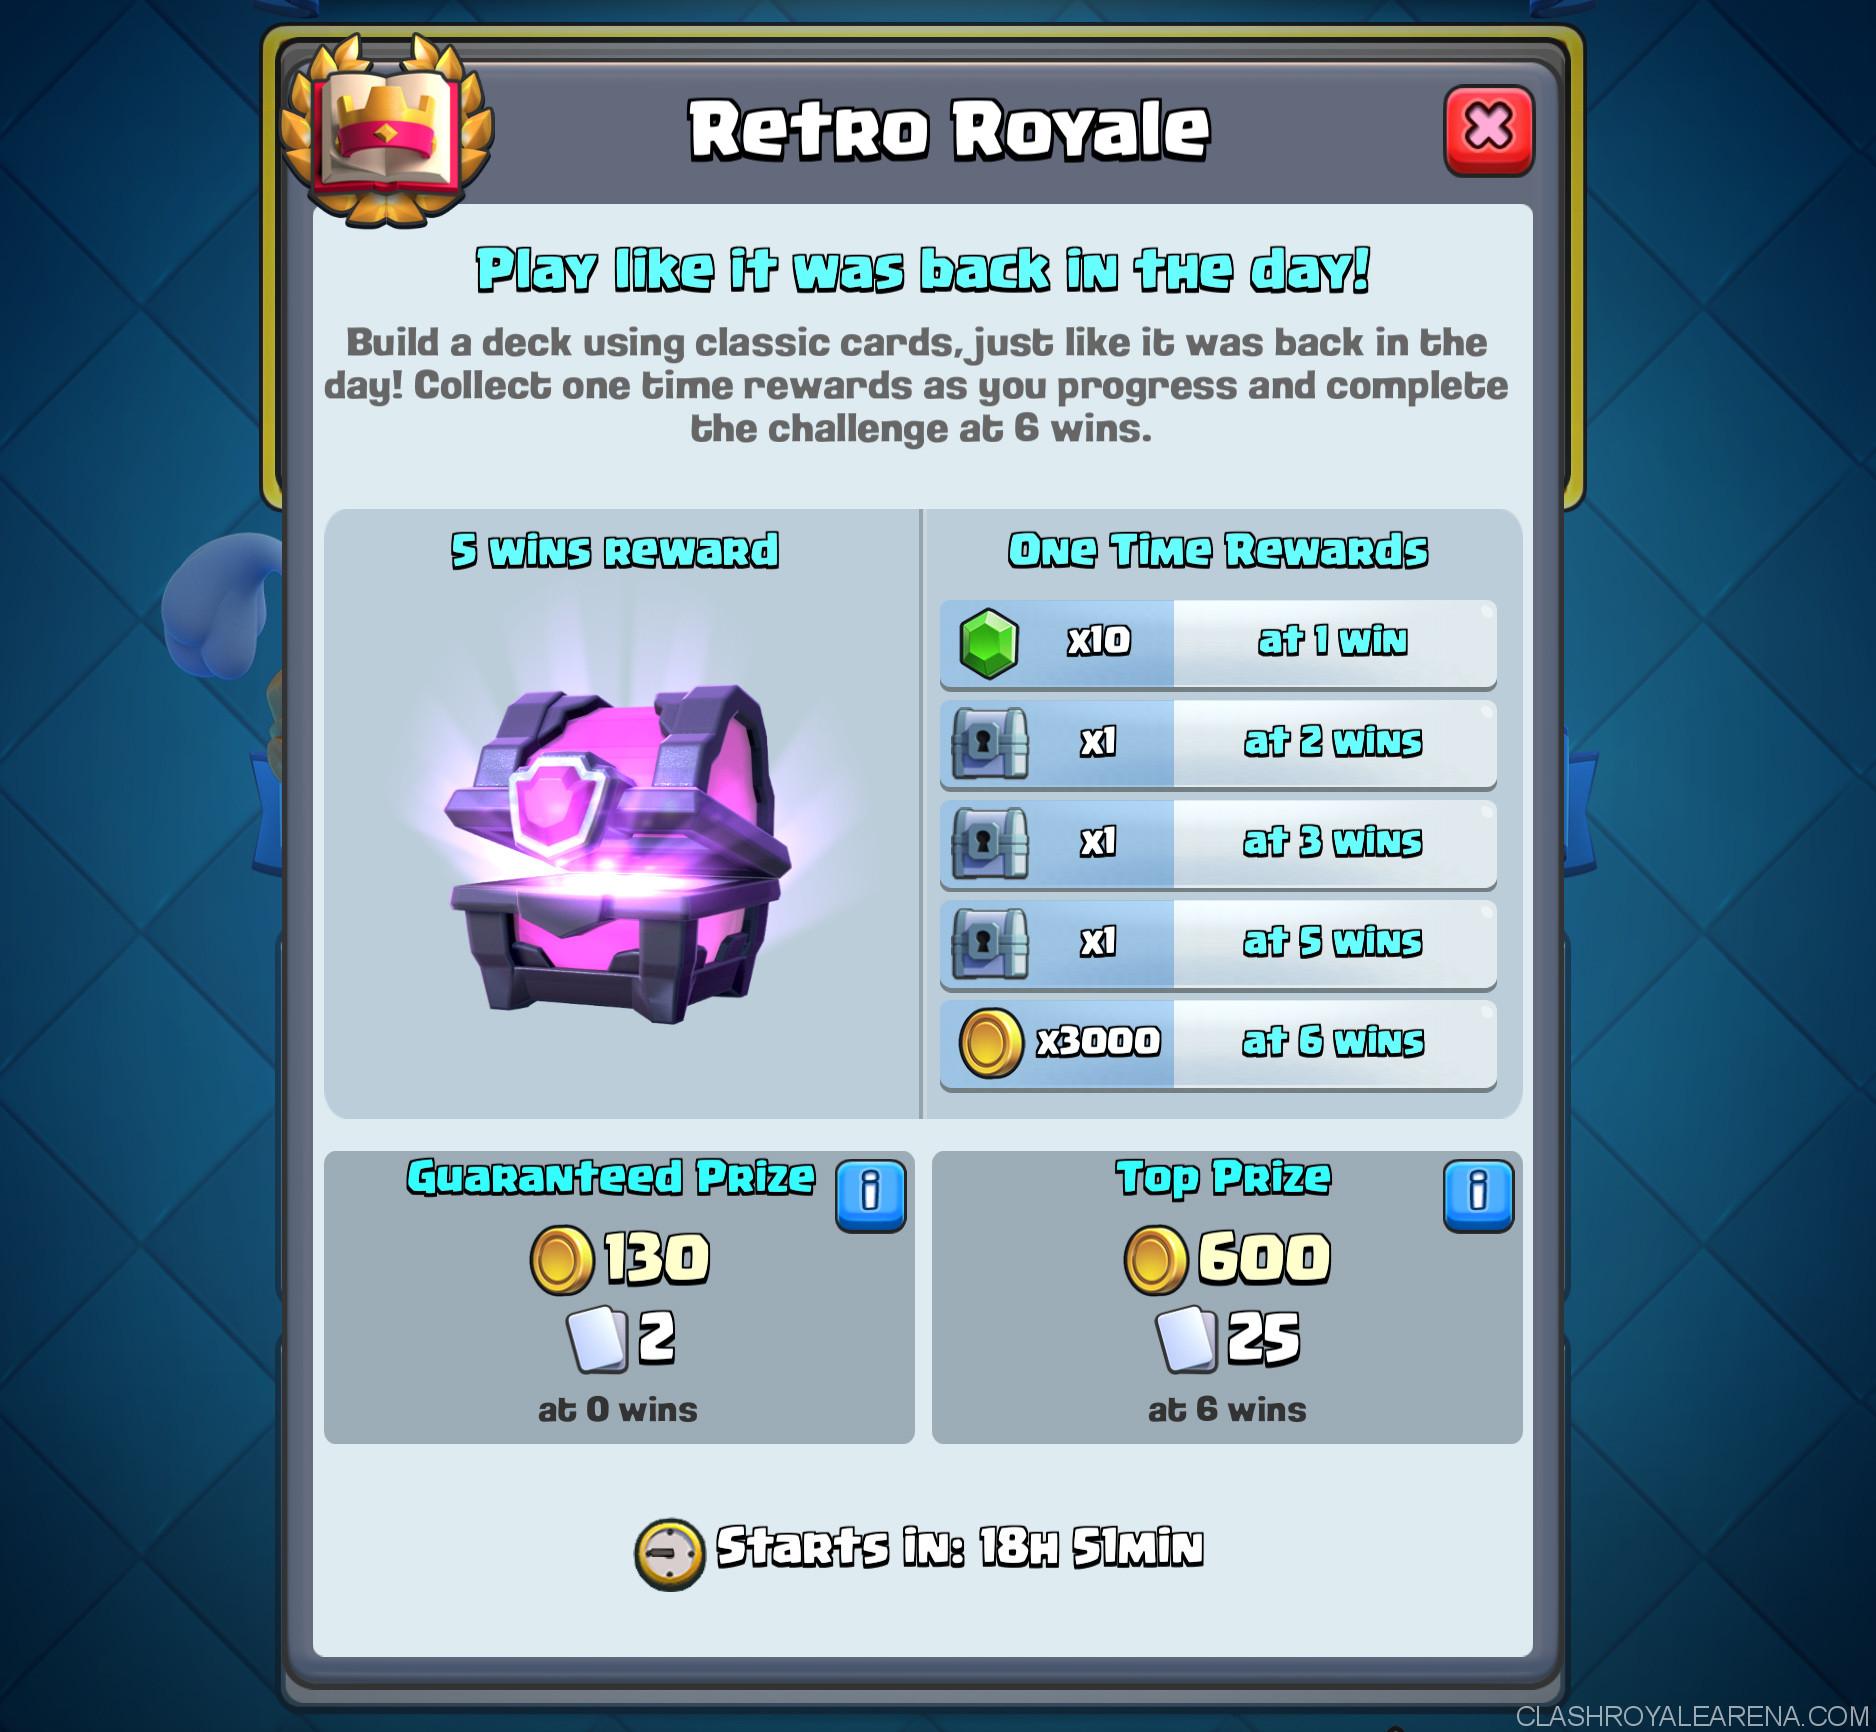 Retro Royale Rewards